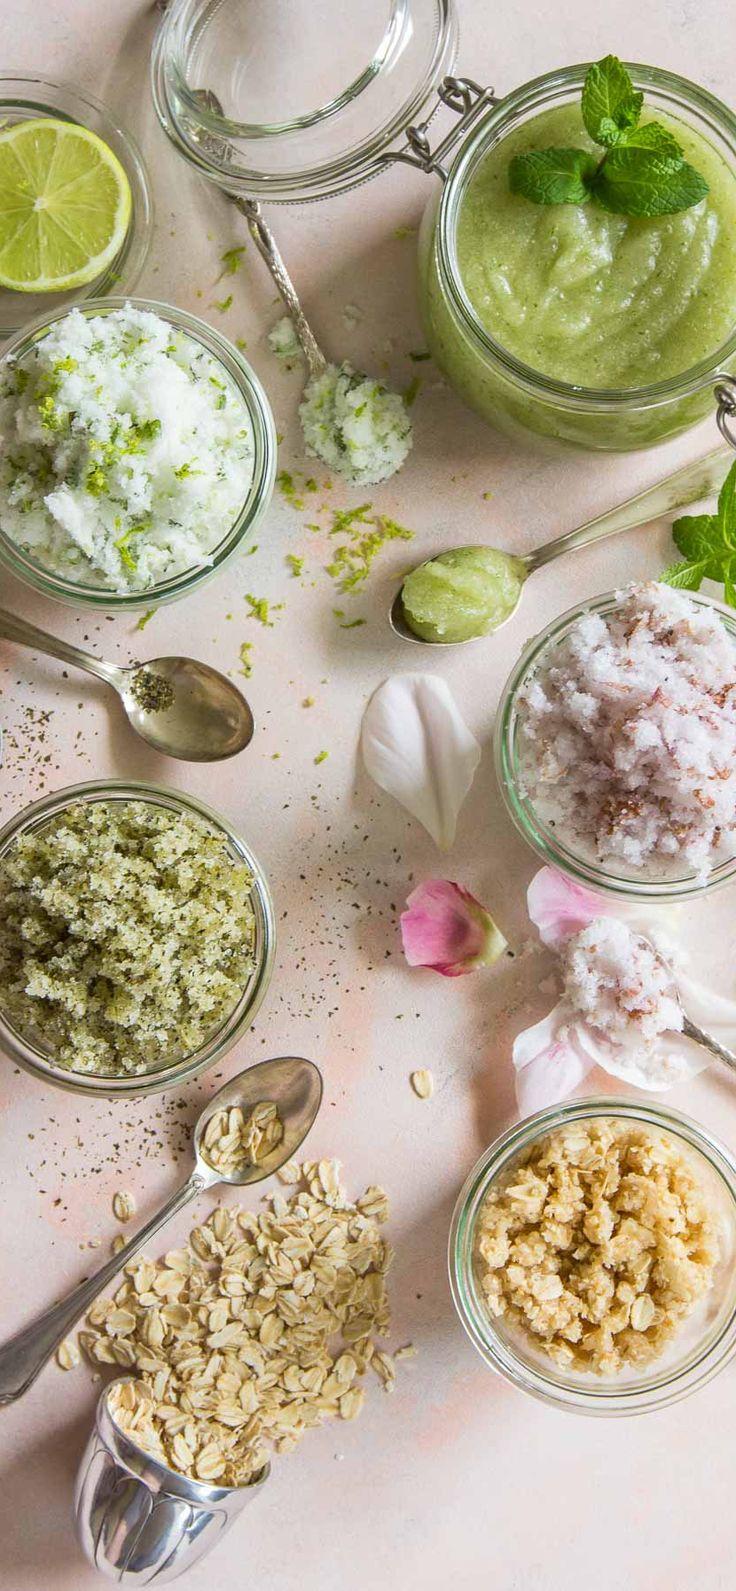 Kosmetik selber machen – 5 DIY Ideen für Kosmetik aus der Küche